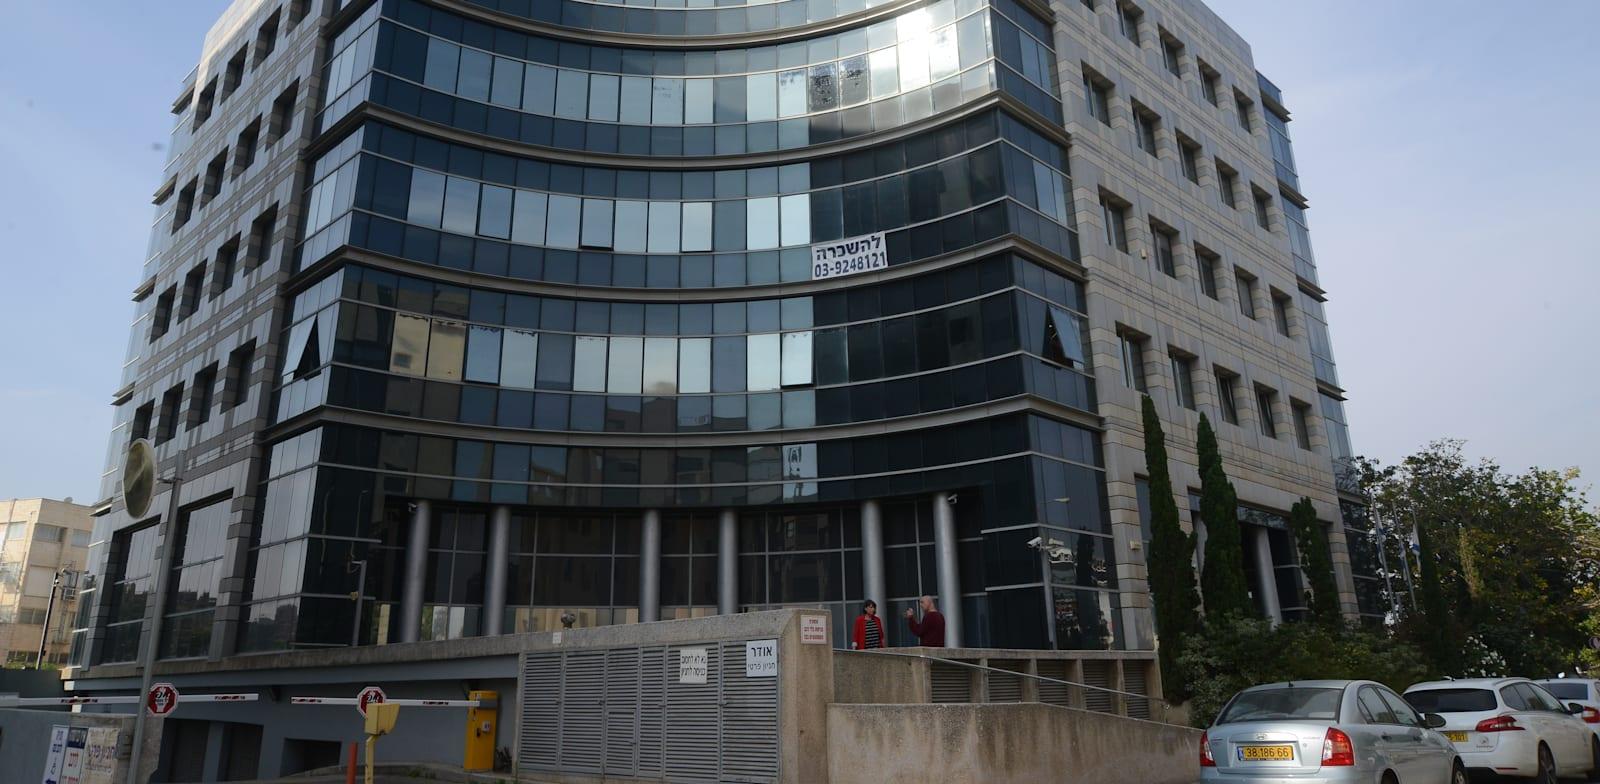 משרדי קרן הגשמה בפתח תקווה. היקף התביעות מגיע לעשרות מיליוני שקלים / צילום: איל יצהר